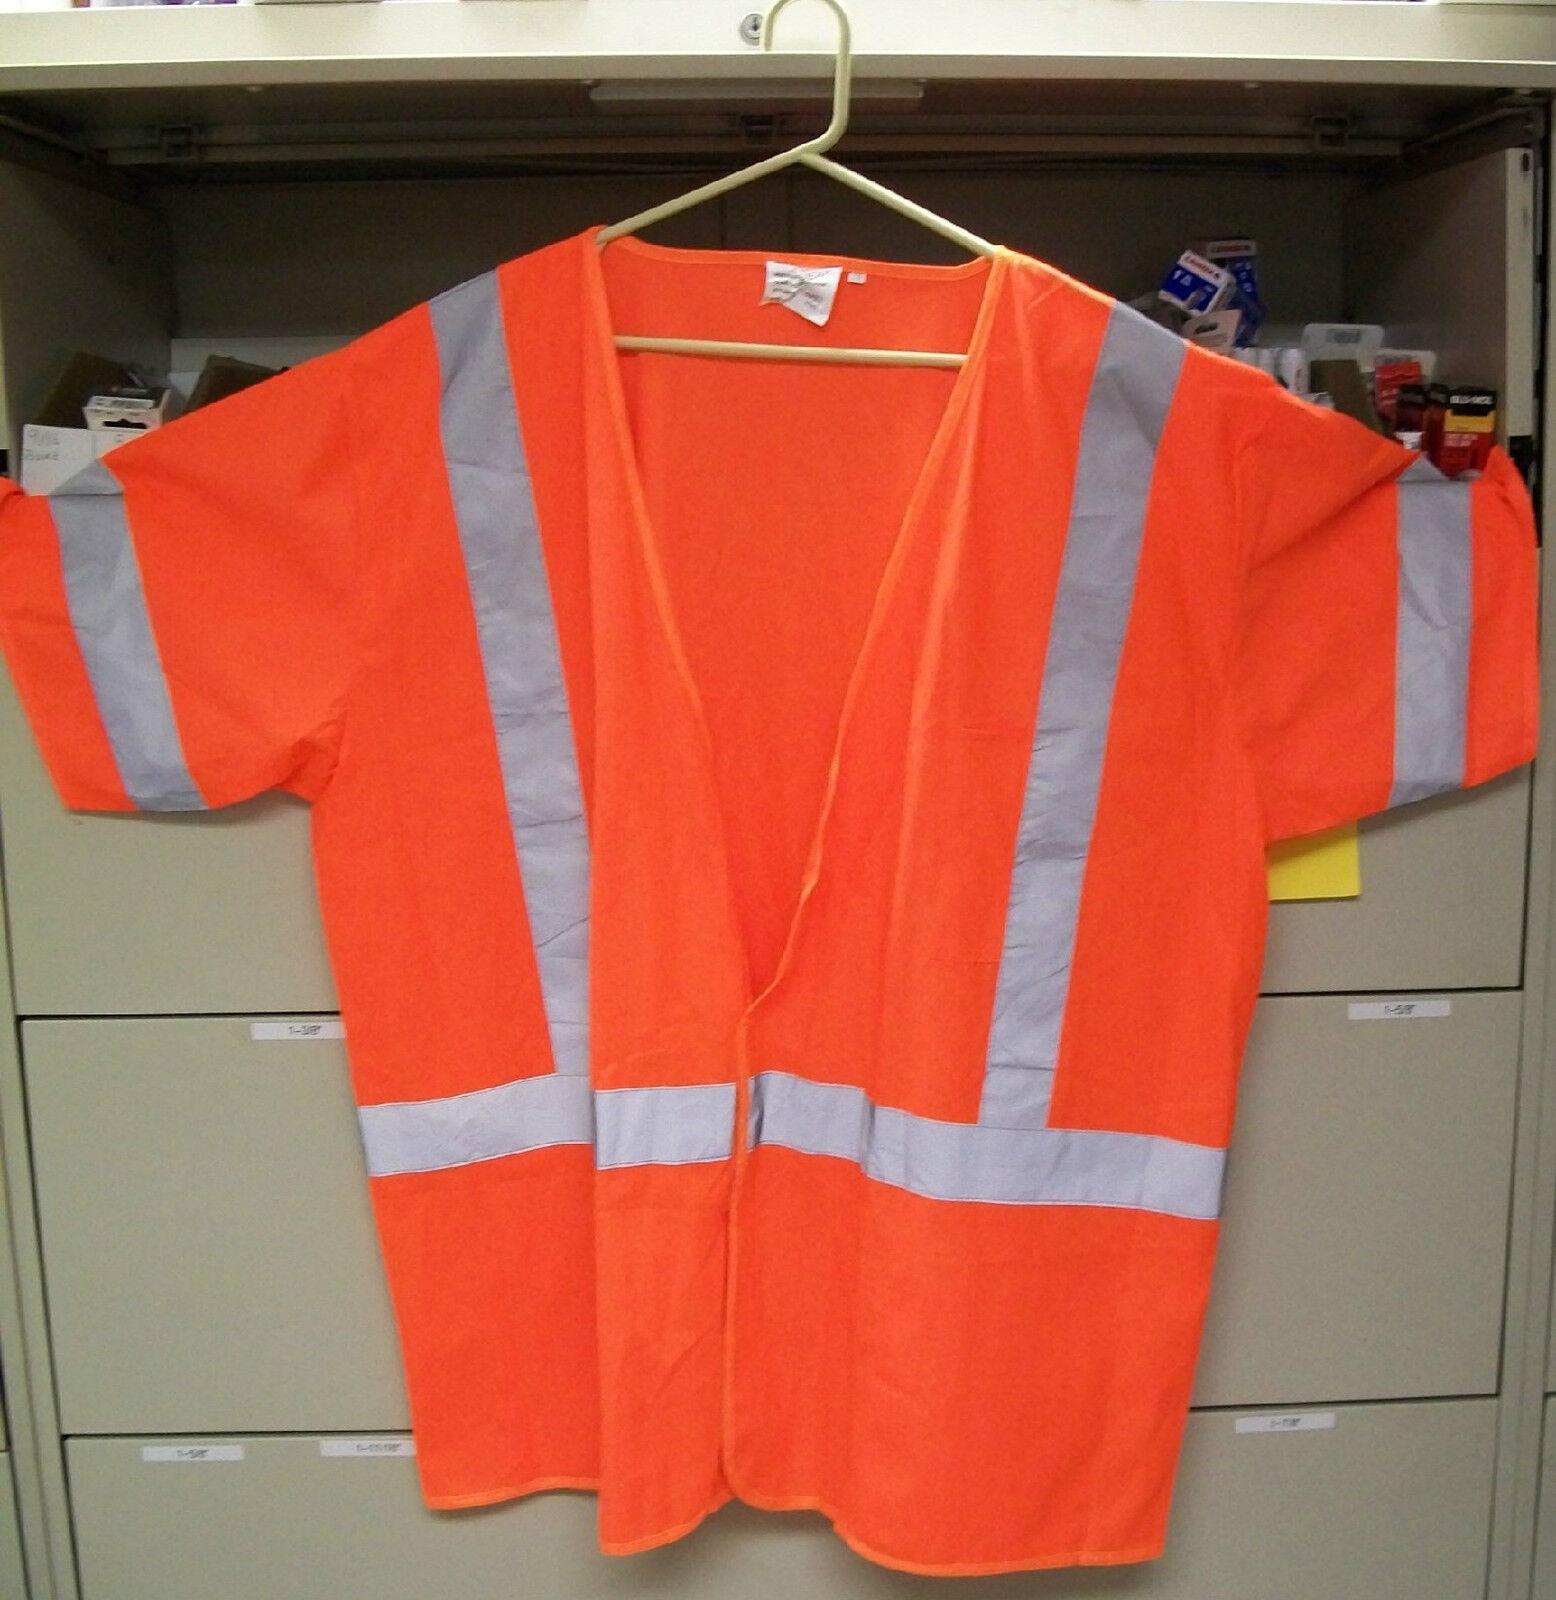 Safety Vest ANSI Class 3 Flourescent orange 1291-O Lot of 5 Vests